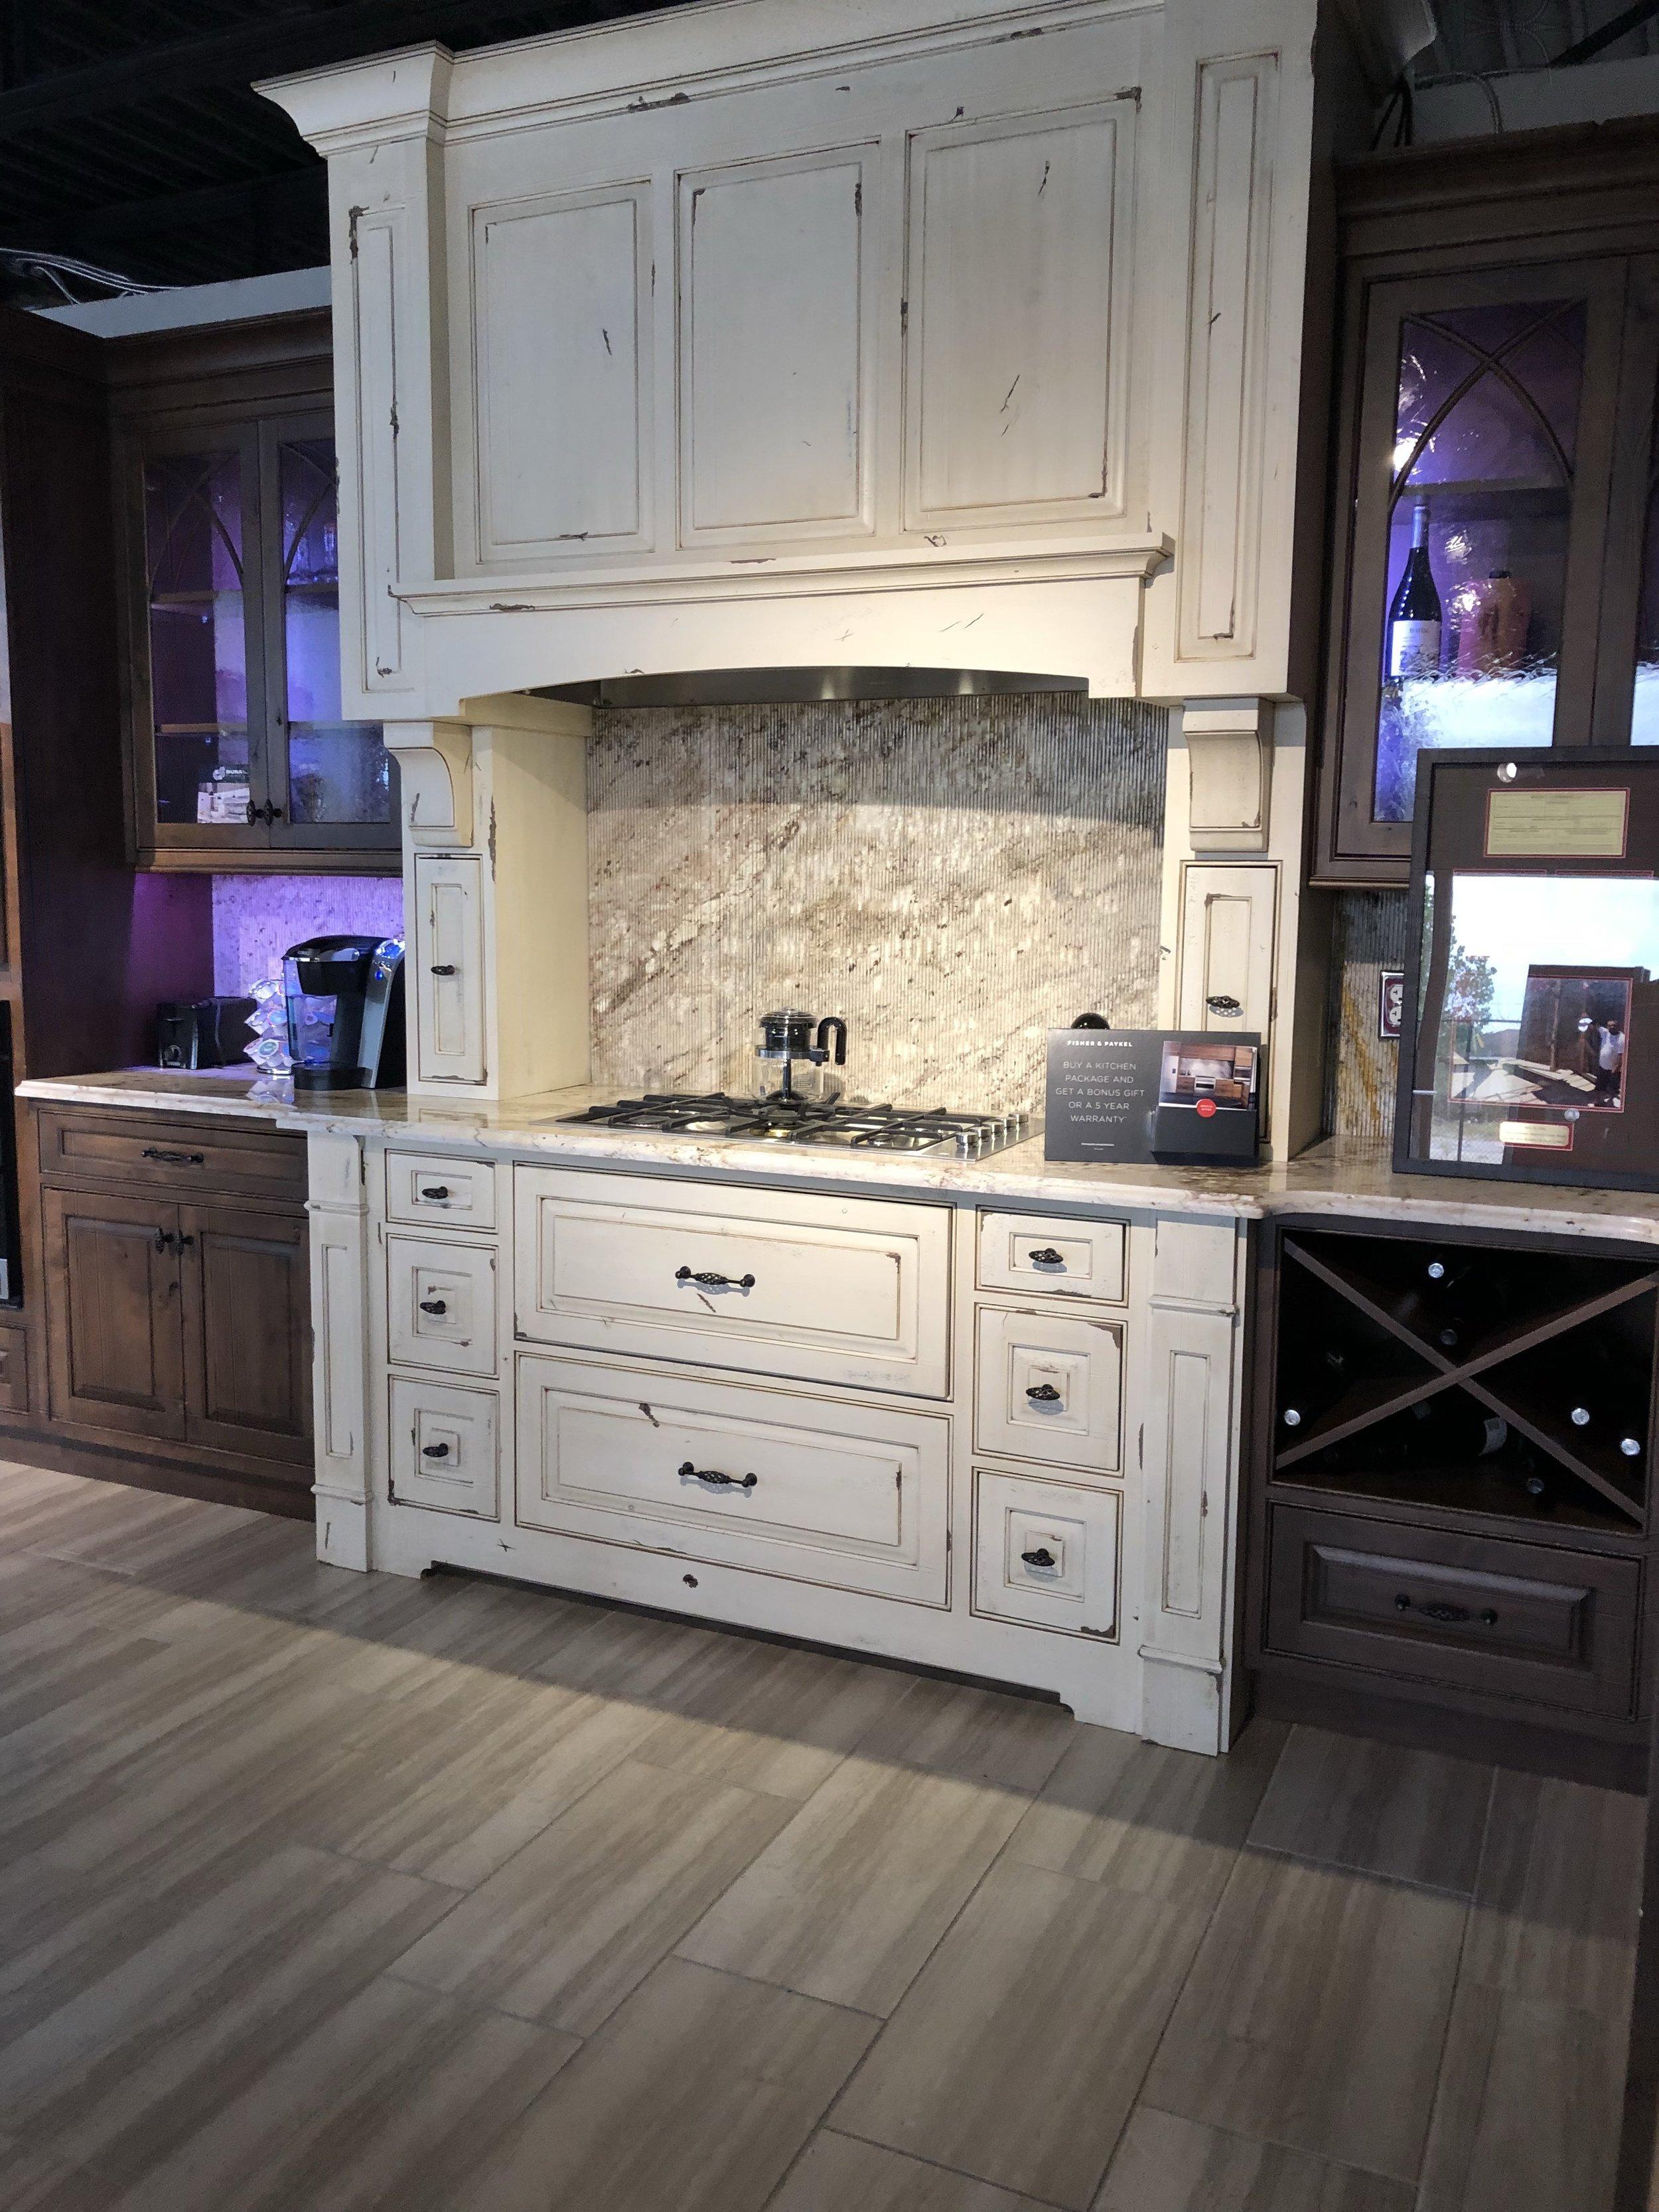 kitchen-showcase-main.jpg